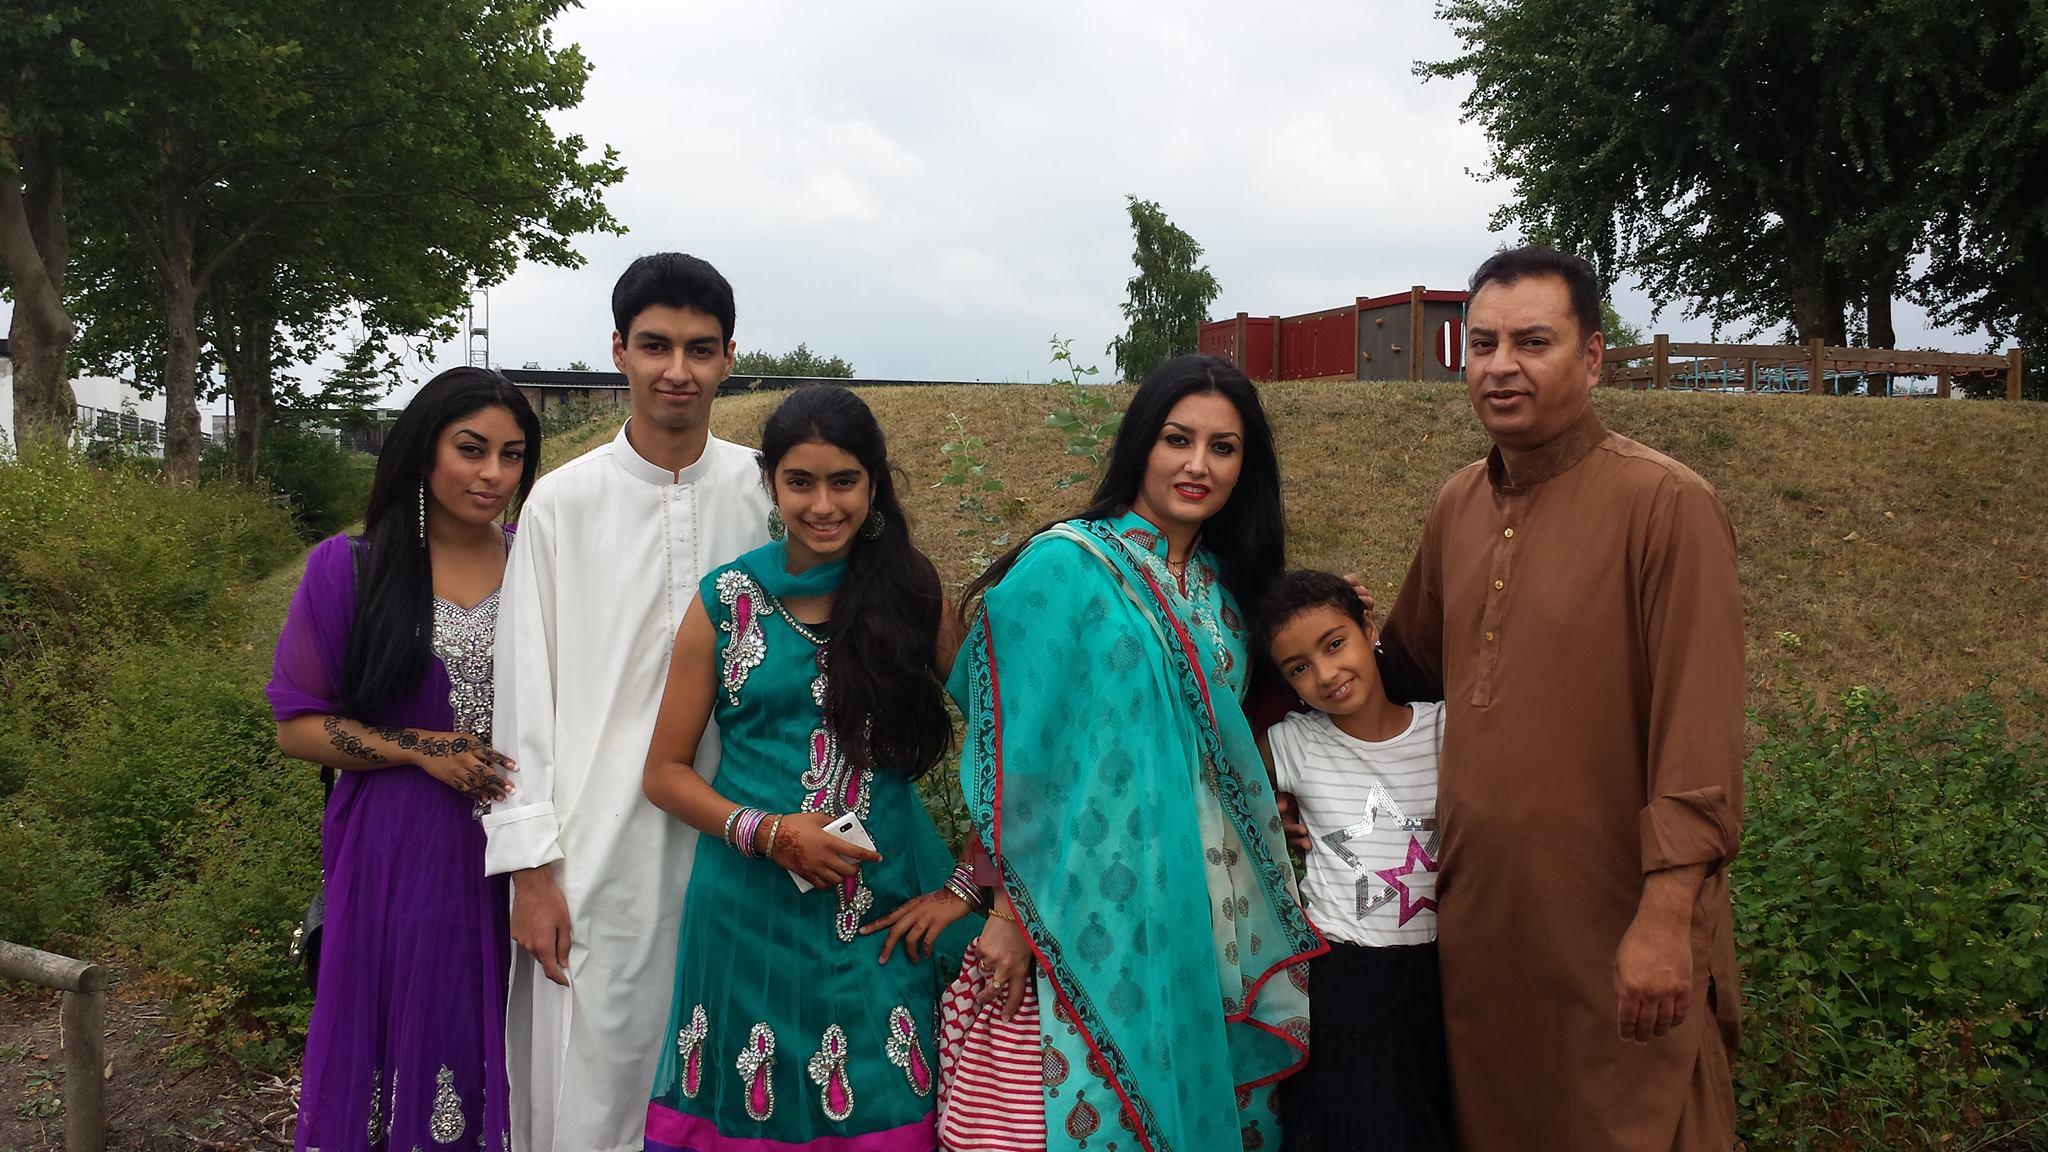 Zaki Agha (nr 2. fra venstre) med sin familie.